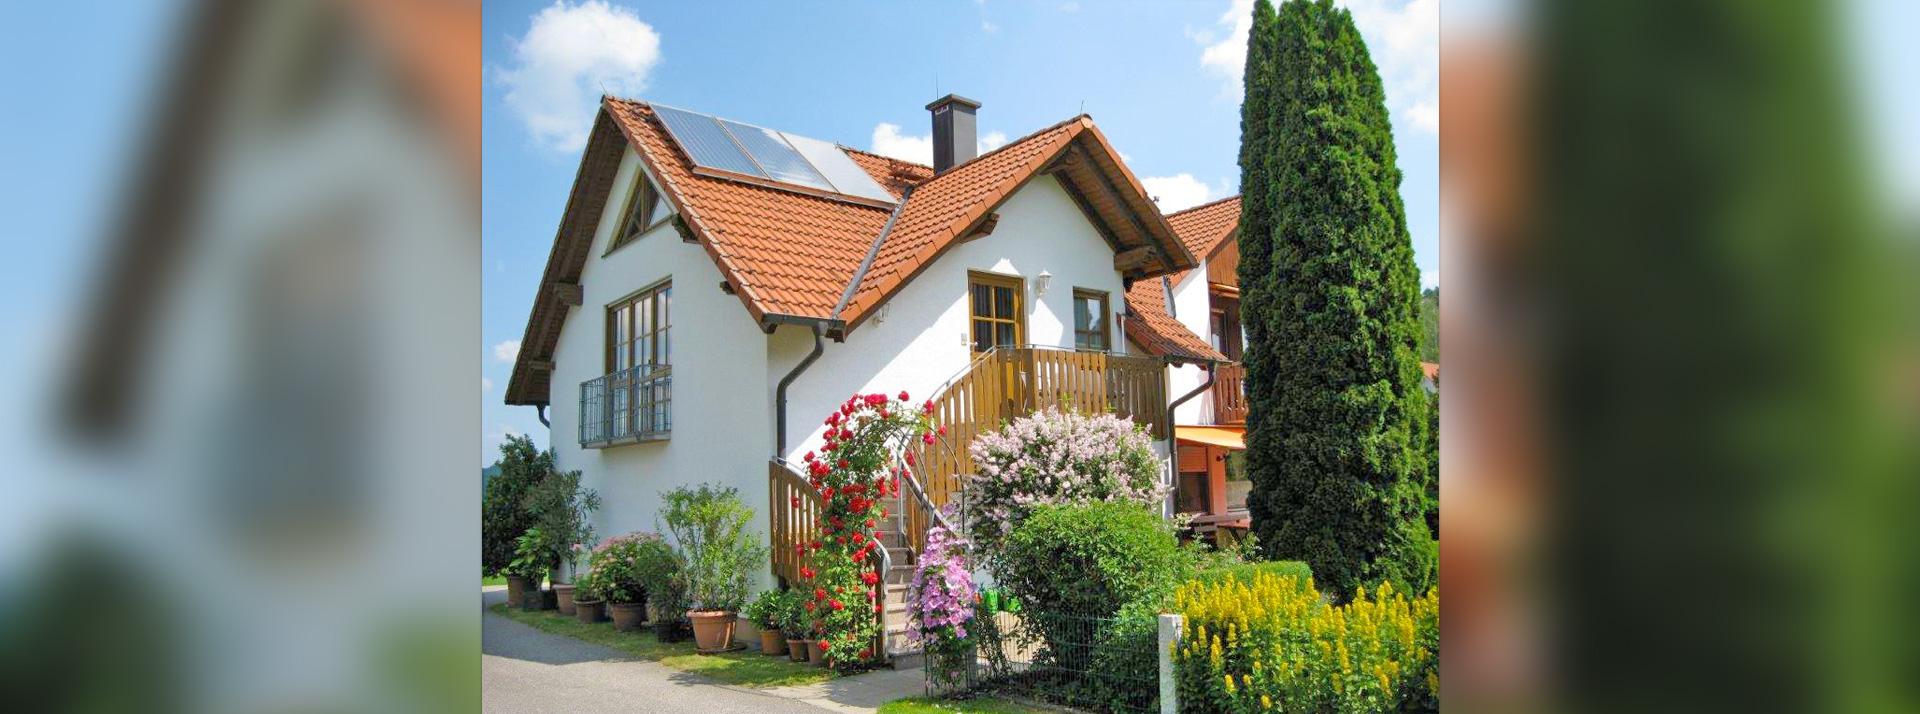 Ferienhaus-Ferienwohnungen Neideck